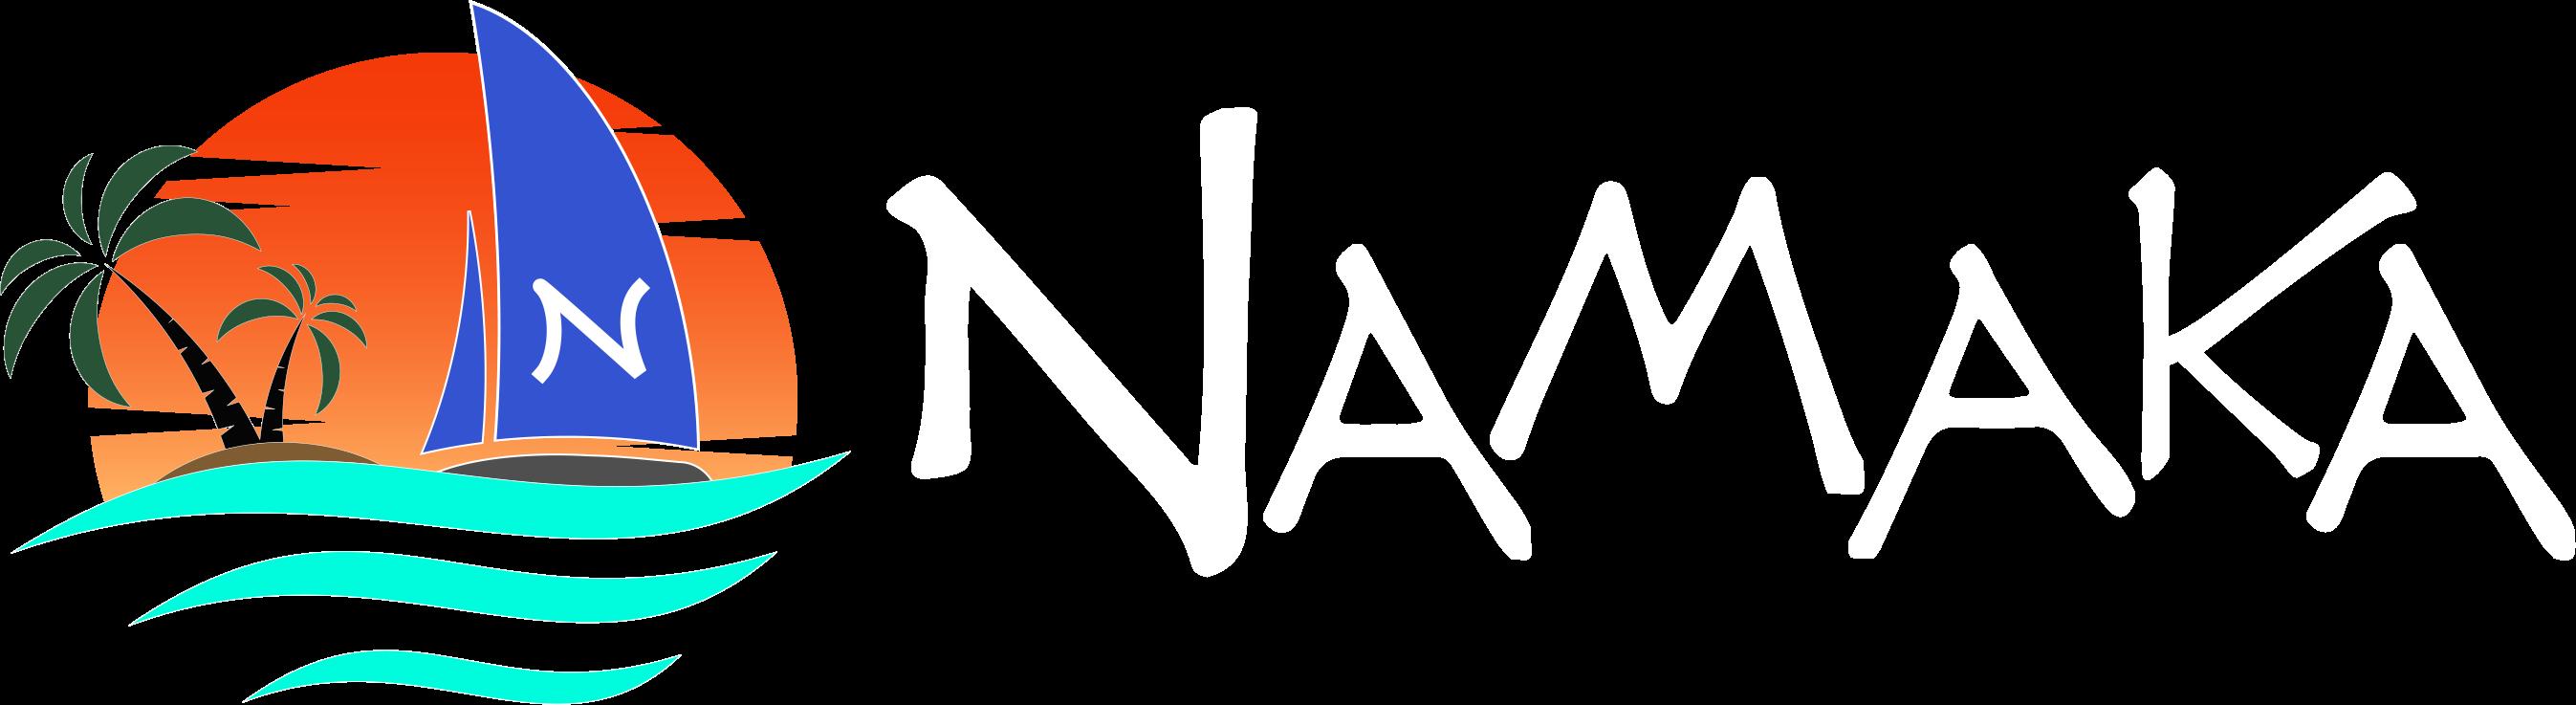 SV Namaka Logo Full Size